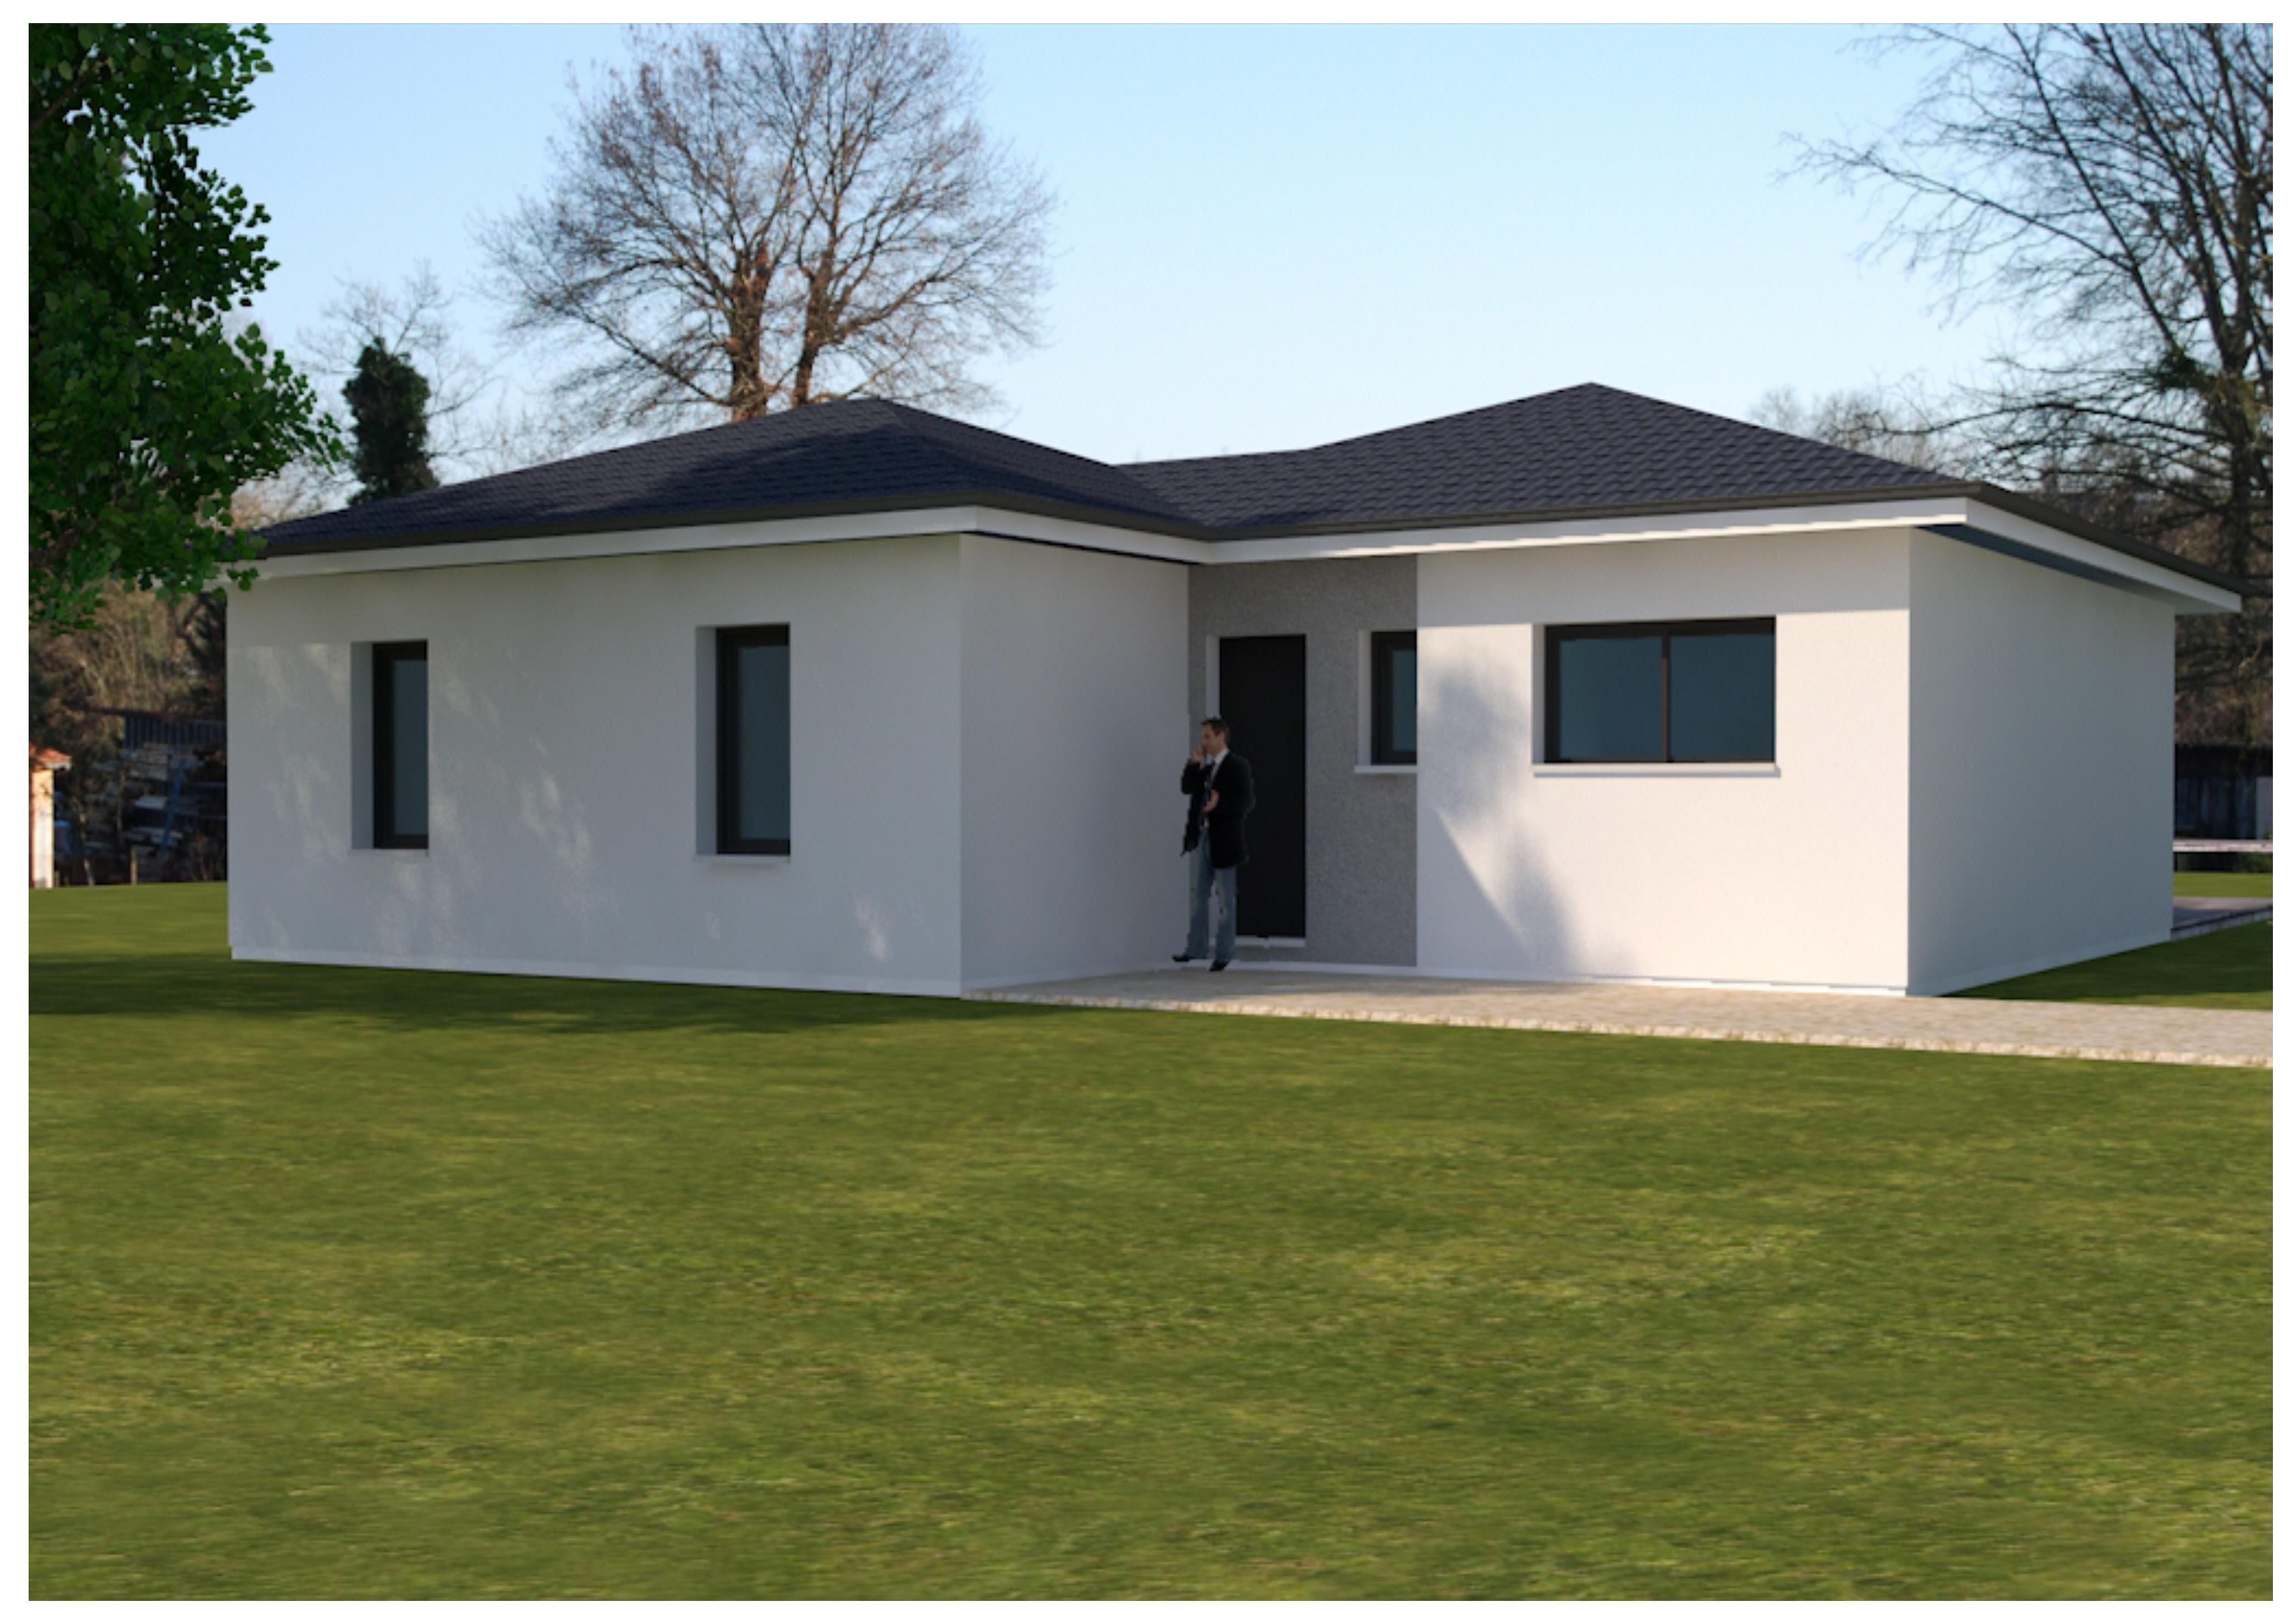 Villas leona constructeur de maisons individuelles en for Constructeur de maison individuelle en gironde